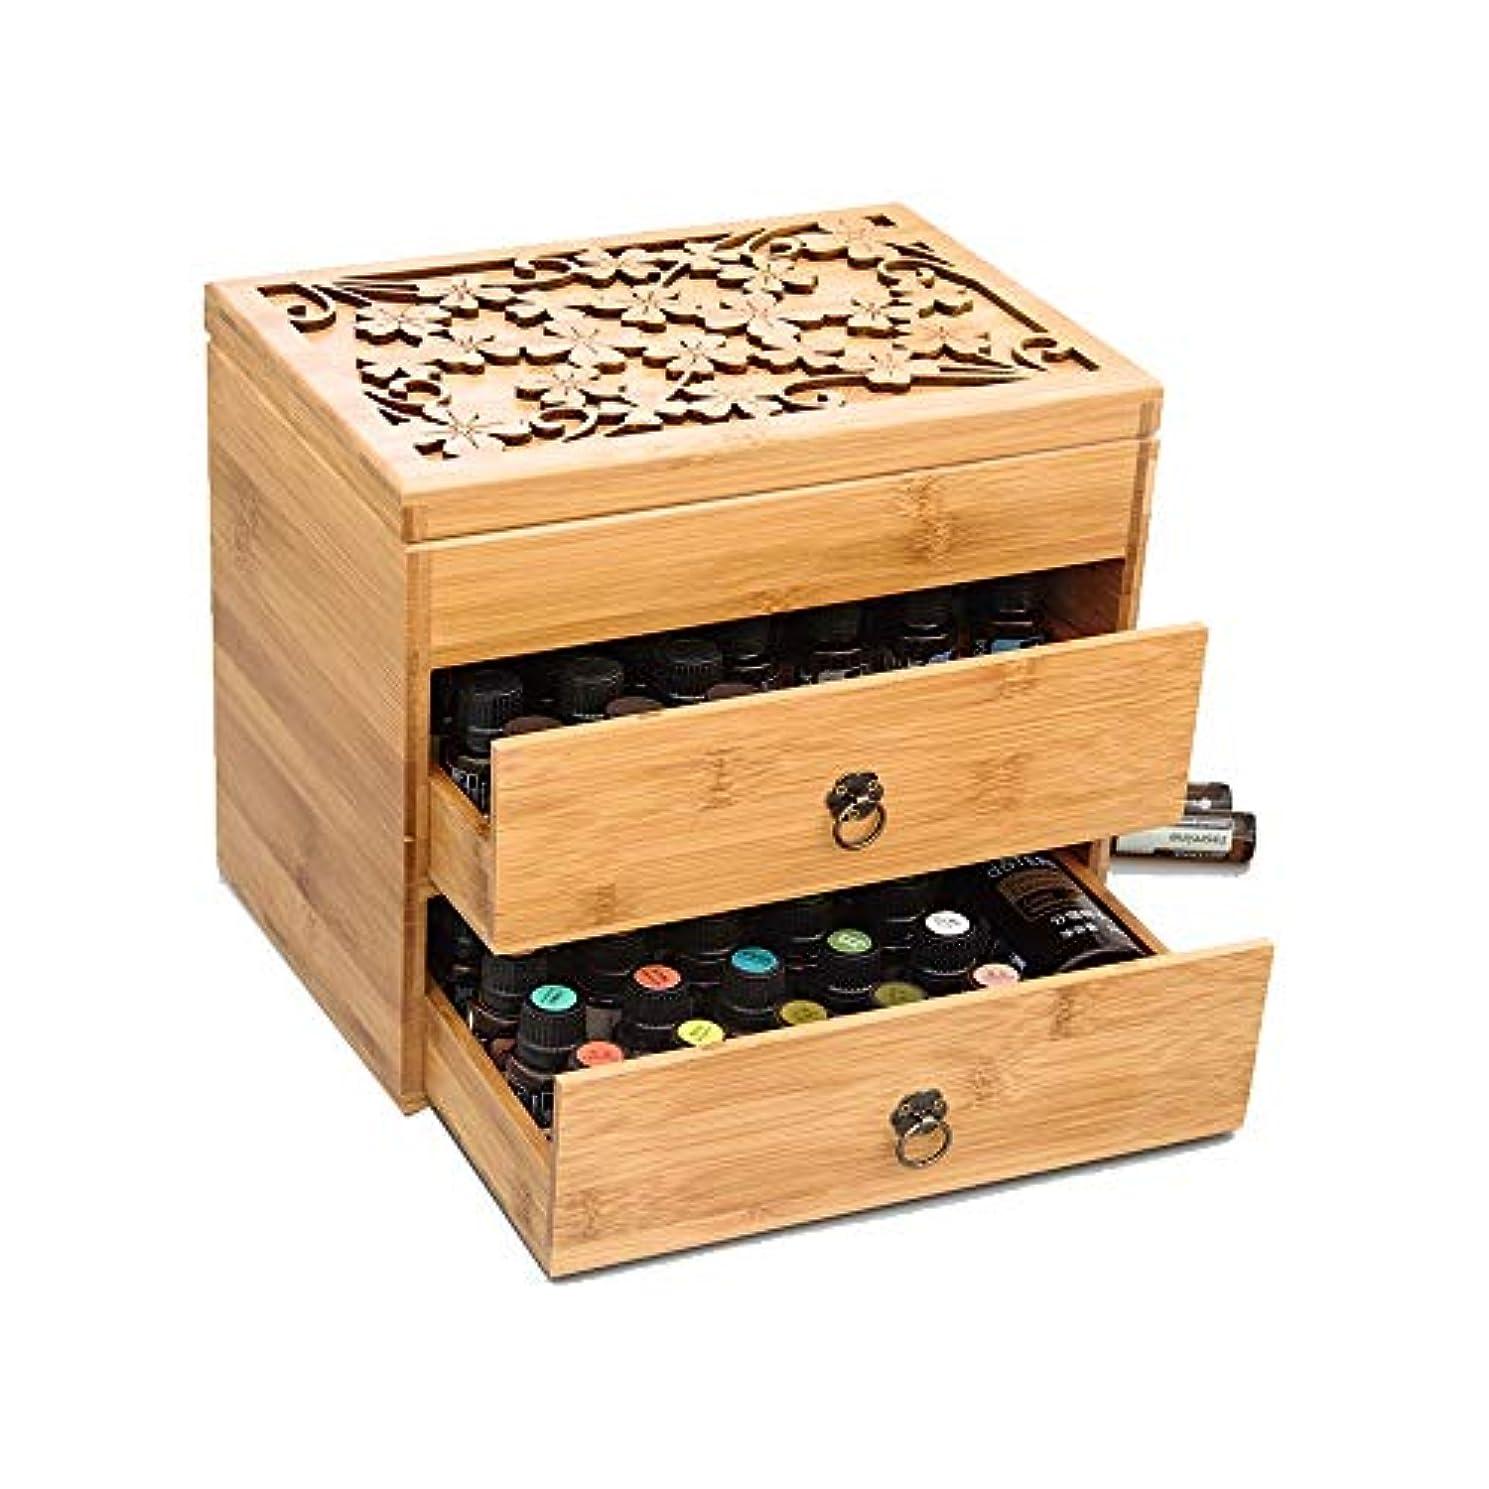 スラダム二週間ファブリックアロマセラピー収納ボックス エレガントな装飾デザイン層3は、保護されたオイルボックス木製収納ボックス5ミリリットルバイアルであります エッセンシャルオイル収納ボックス (色 : Natural, サイズ : 26X18X24.5CM)